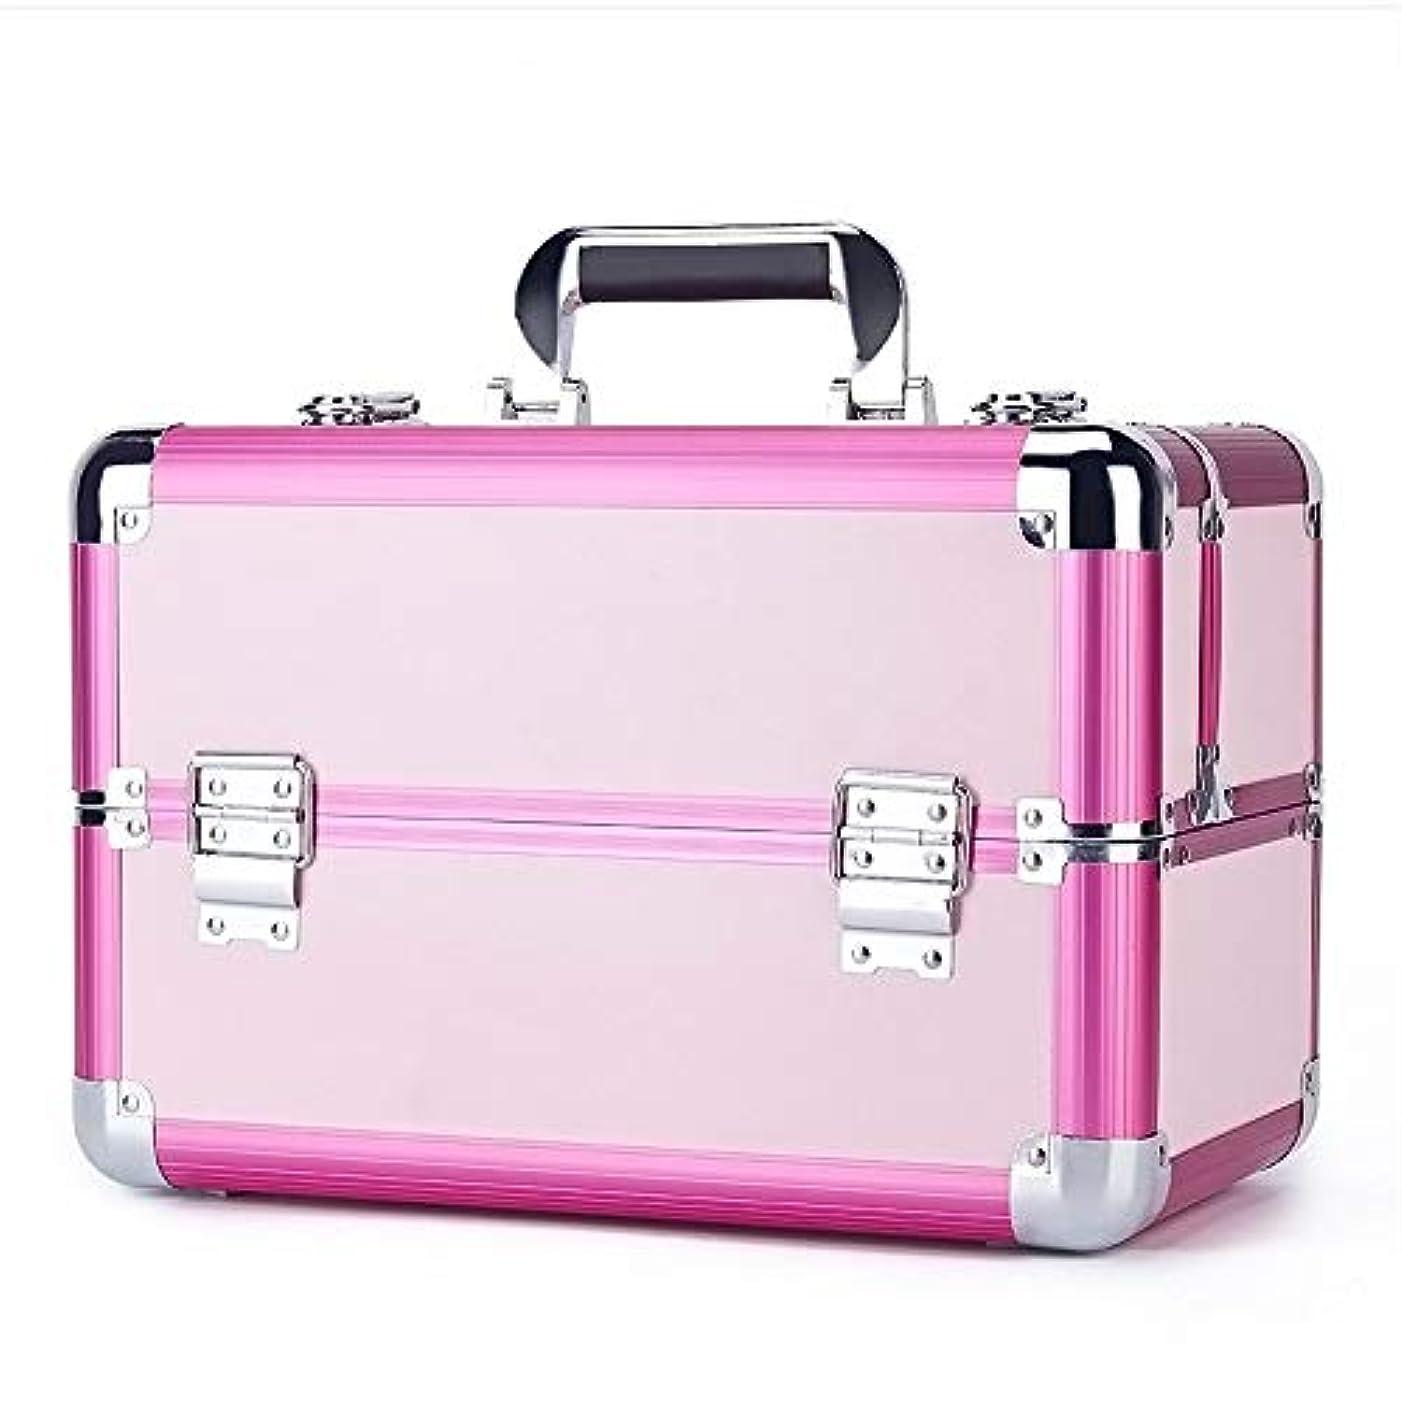 大腿多様性文法化粧オーガナイザーバッグ 旅行メイクアップバッグパターンメイクアップアーティストケーストレインボックス化粧品オーガナイザー収納用十代の女の子女性アーティスト 化粧品ケース (色 : ピンク)